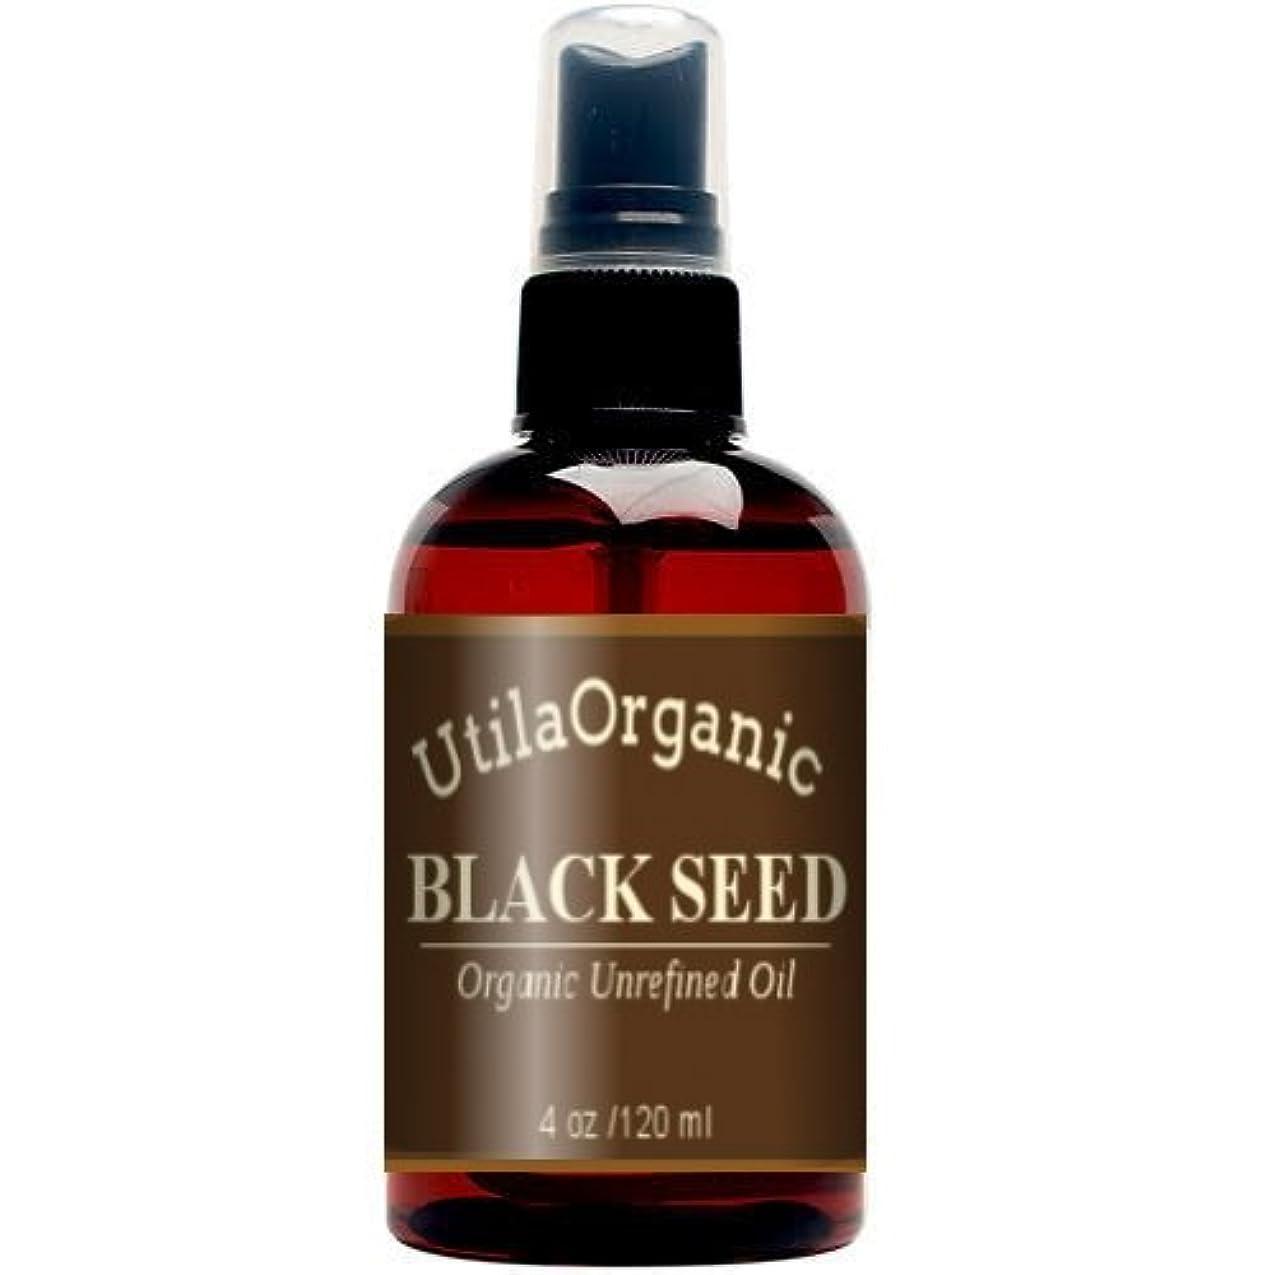 オーガニック ブラックシード ブラッククミンオイル 120ml Blackseed Oil 100% pure and natural [並行輸入品]